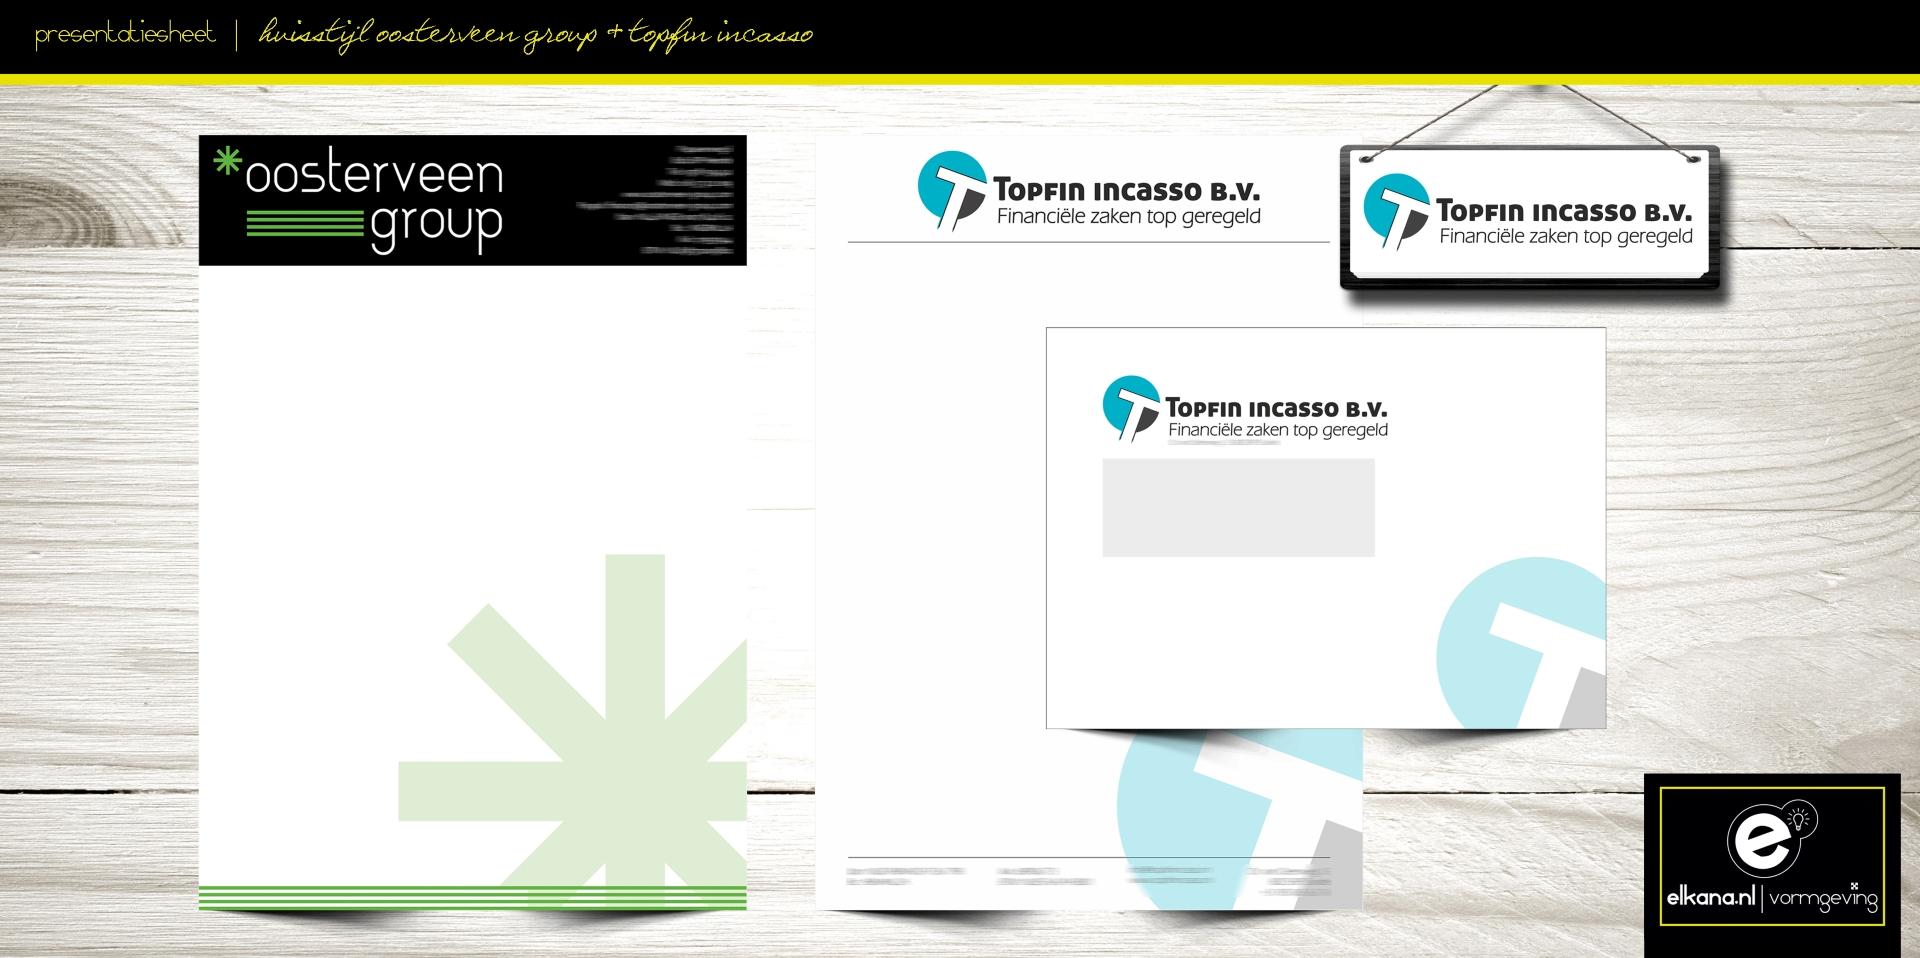 Huisstijl Oosterveen Group & Topfin Incasso